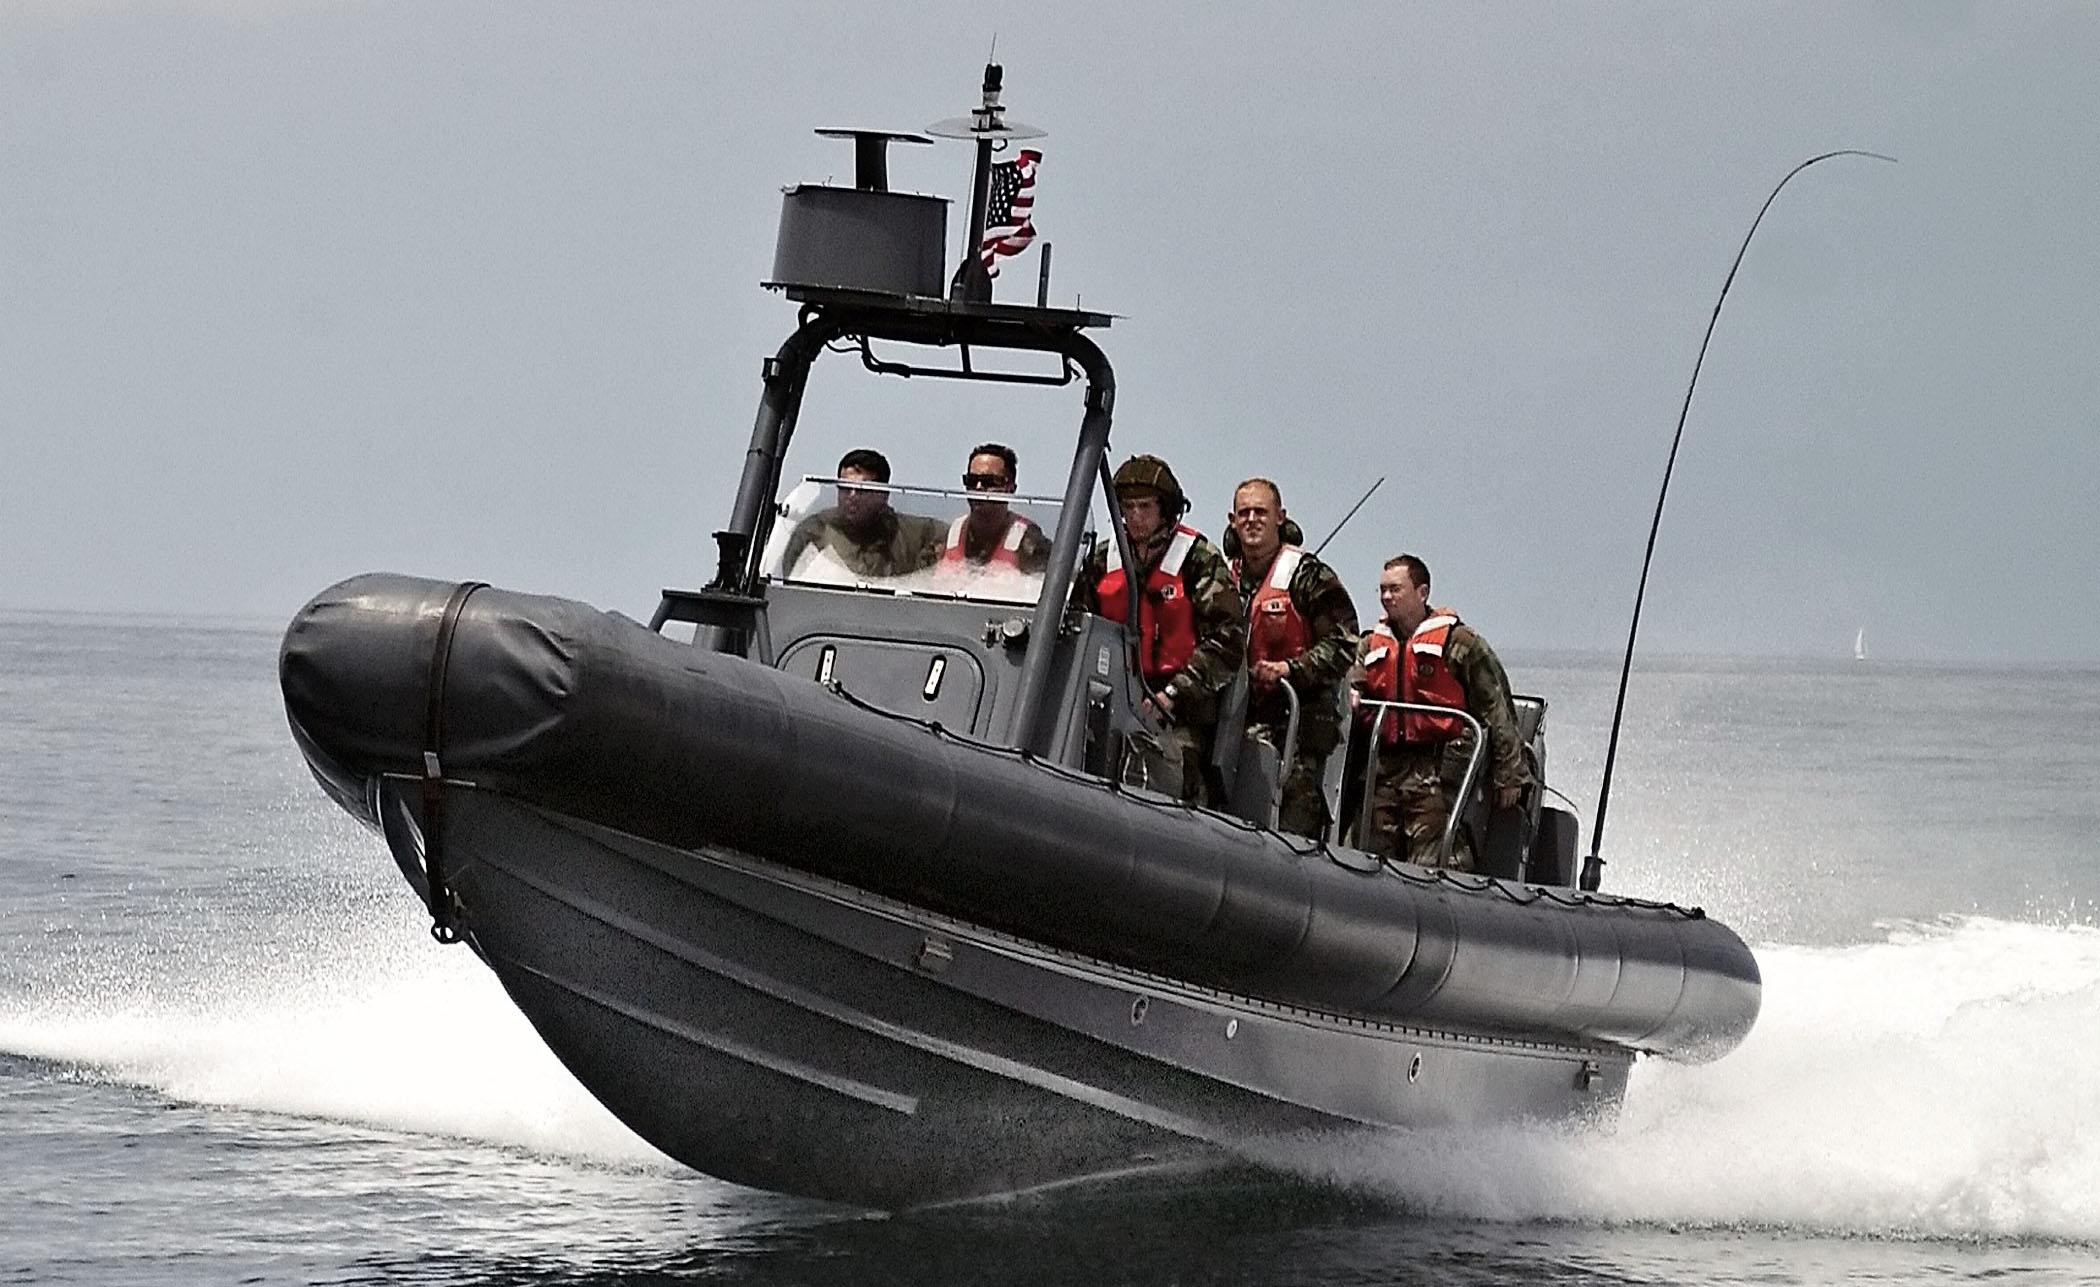 US_Navy_RHIB_SWCC copy